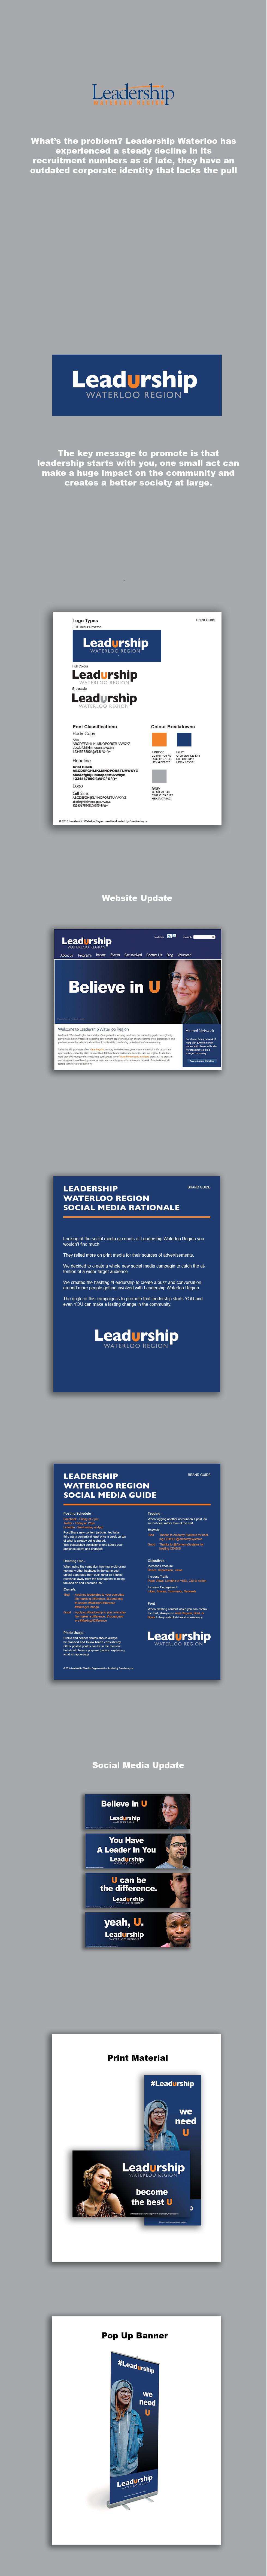 06_LeadershipWaterlooRegion.jpg